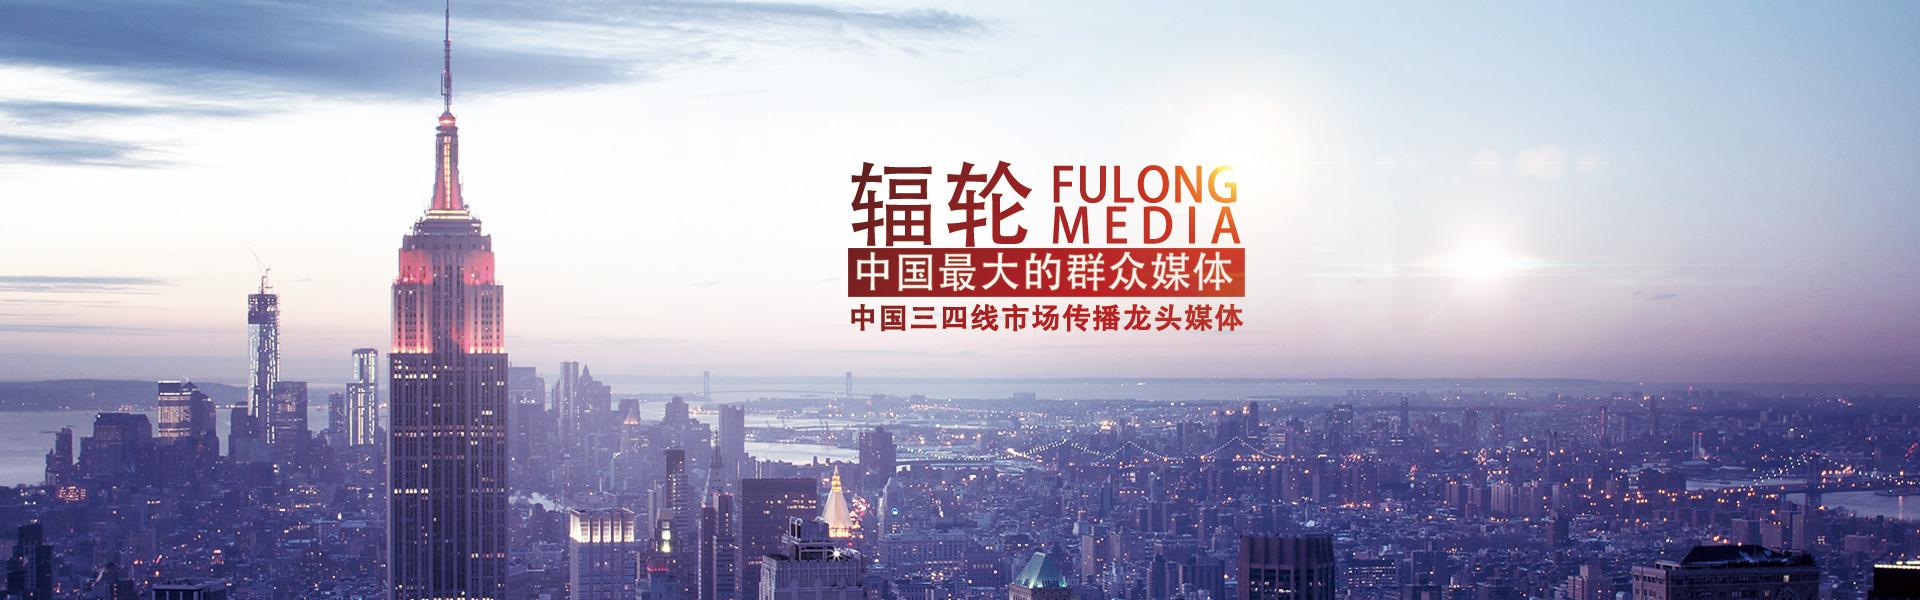 辐轮传媒,铁路列车媒体,铁路列车广告,普铁列车媒体